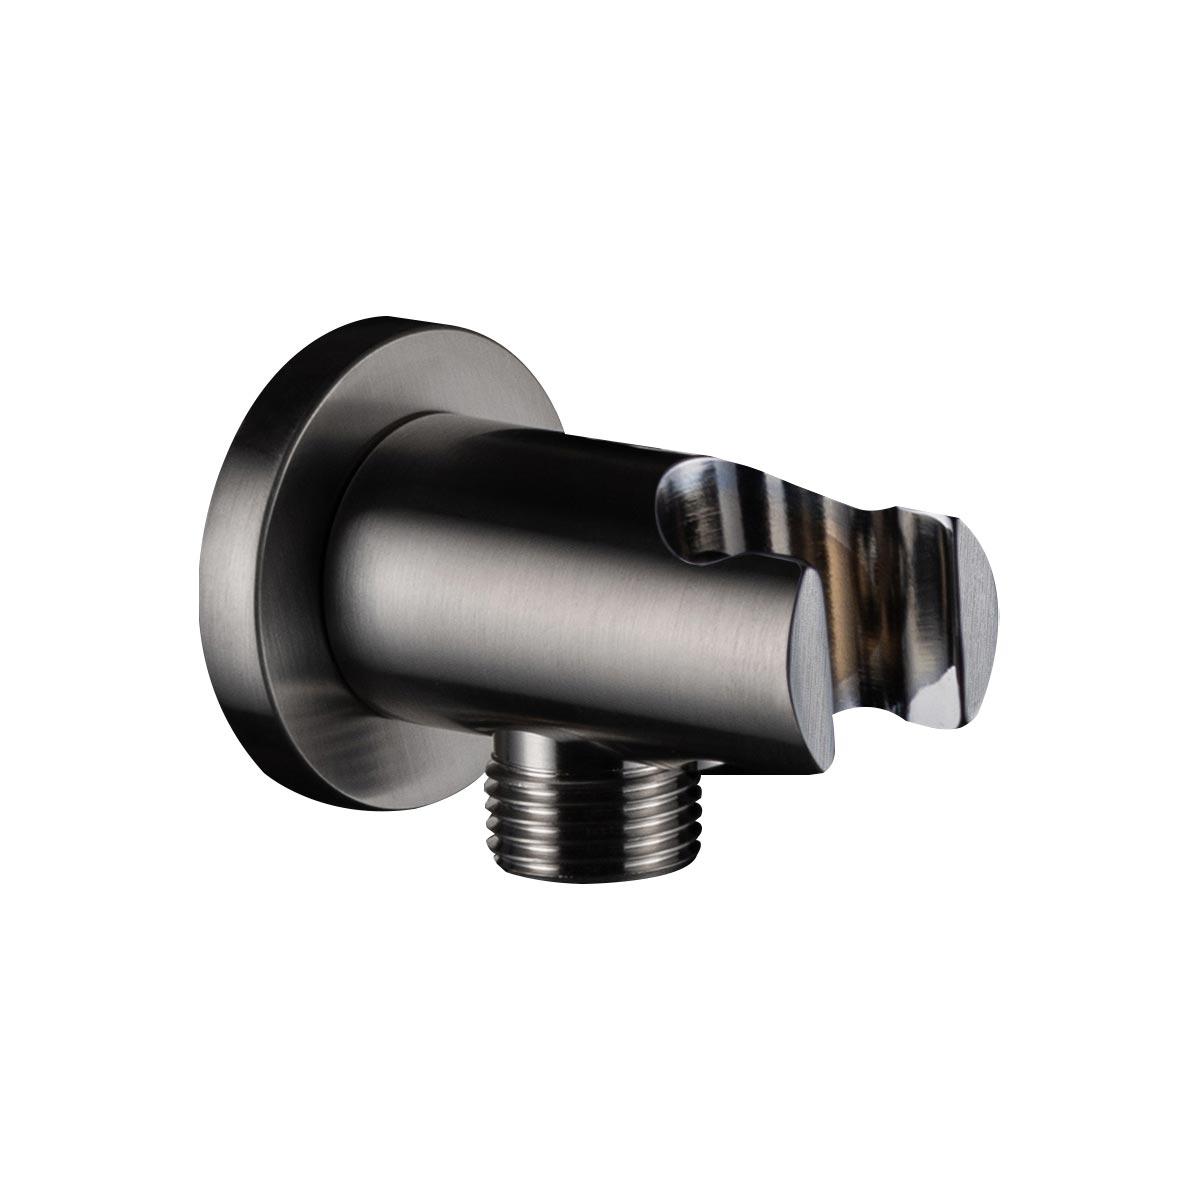 Presa acqua con supporto doccetta Tonda Frontale Nickel spazzolato